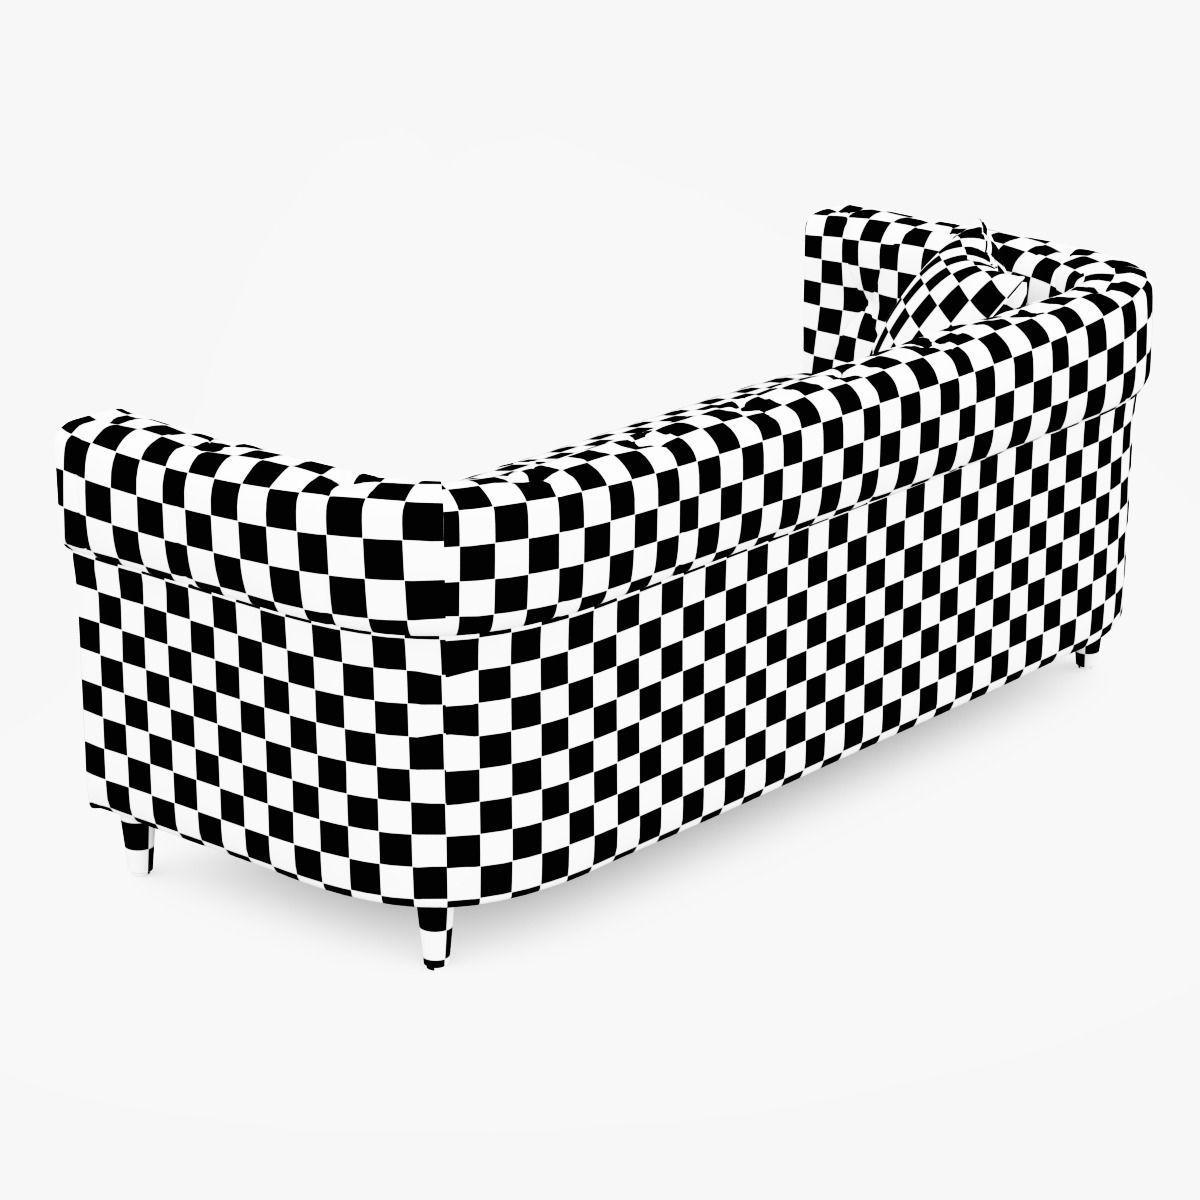 Chester Tufted Upholstered Sofa D Model CGTrader - Tufted upholstered sofa